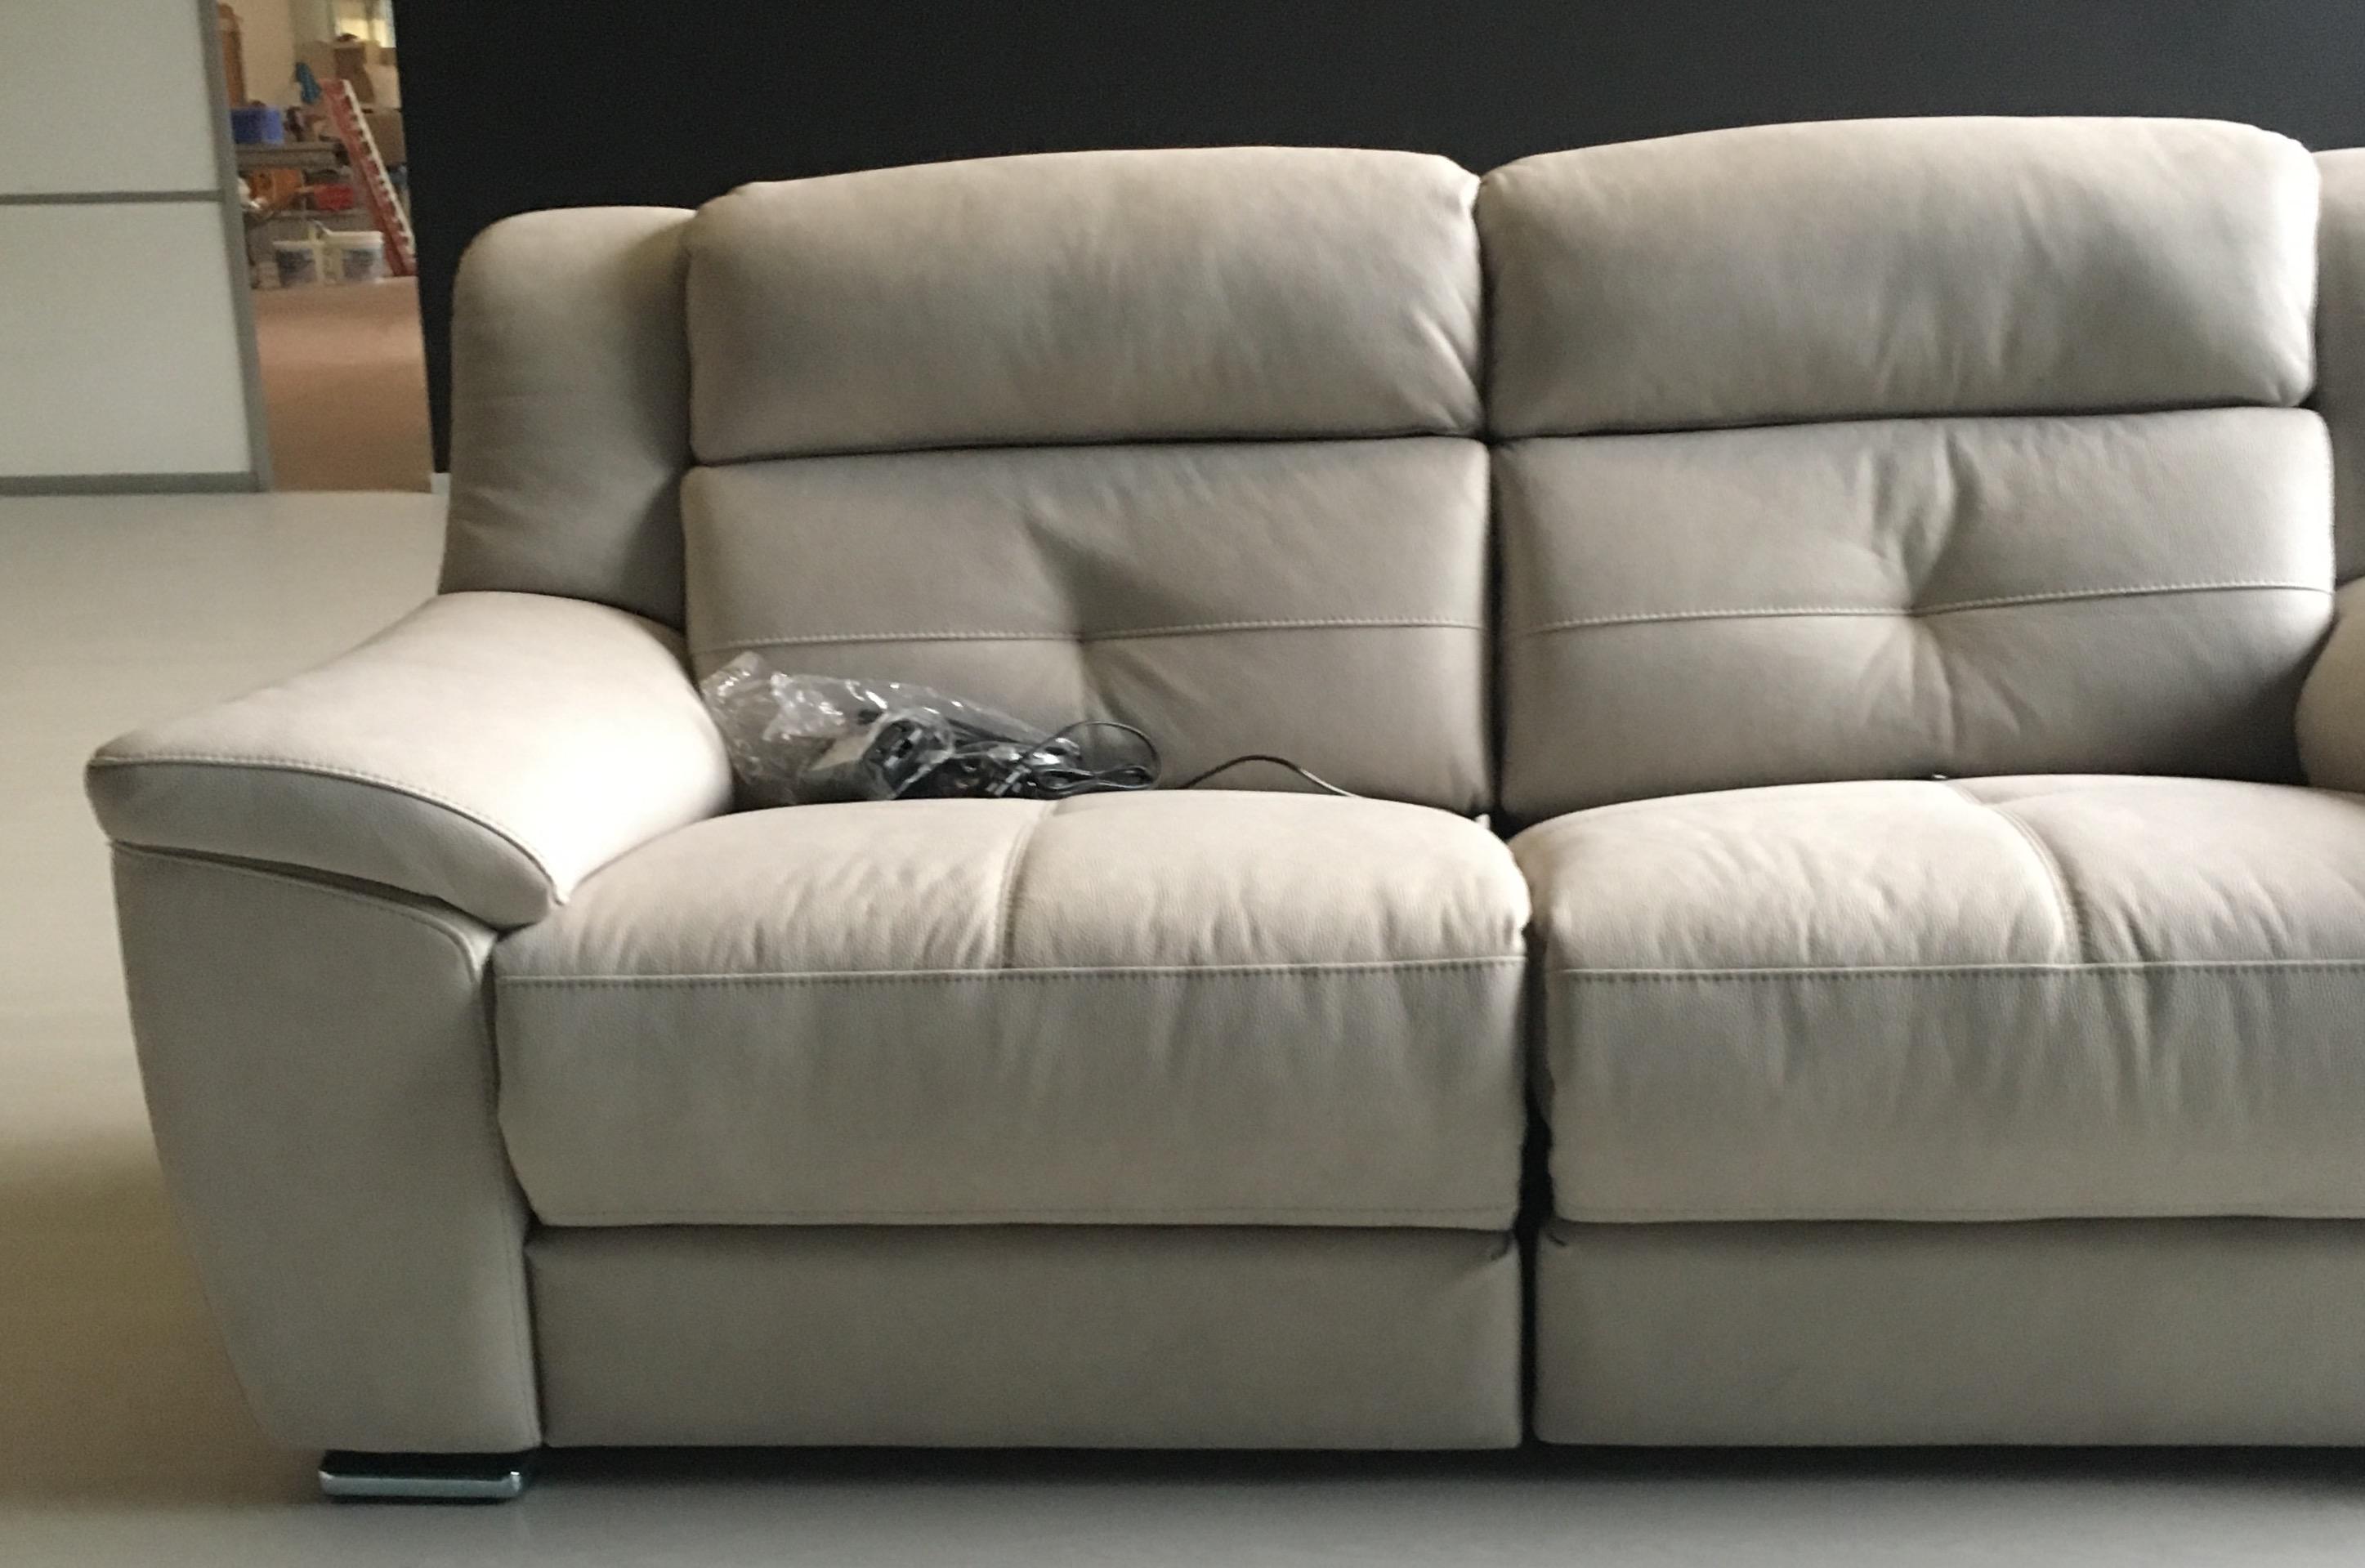 Divano mirage ultraconfort relax elettrici seduta con - Divano relax prezzi ...